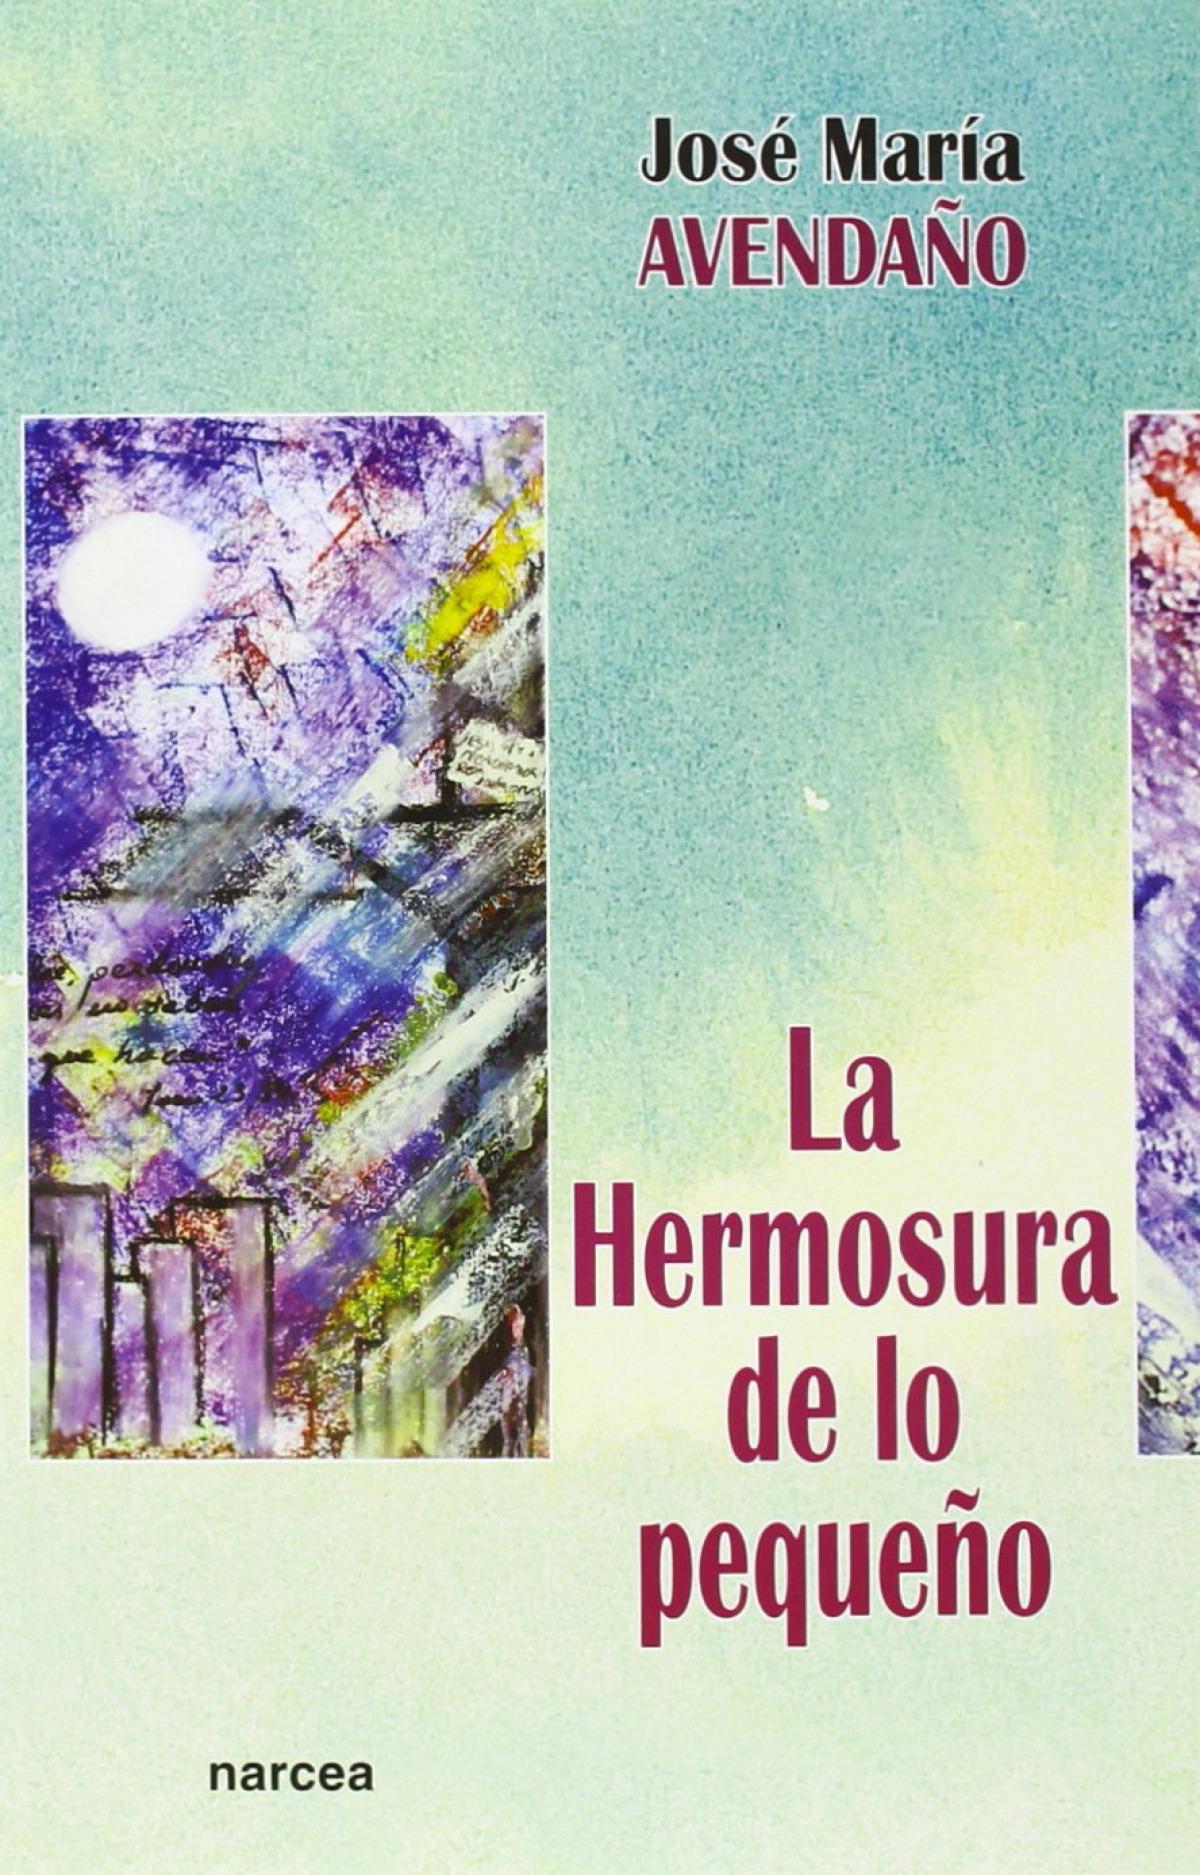 HERMOSURA DE LO PEQUEÑO